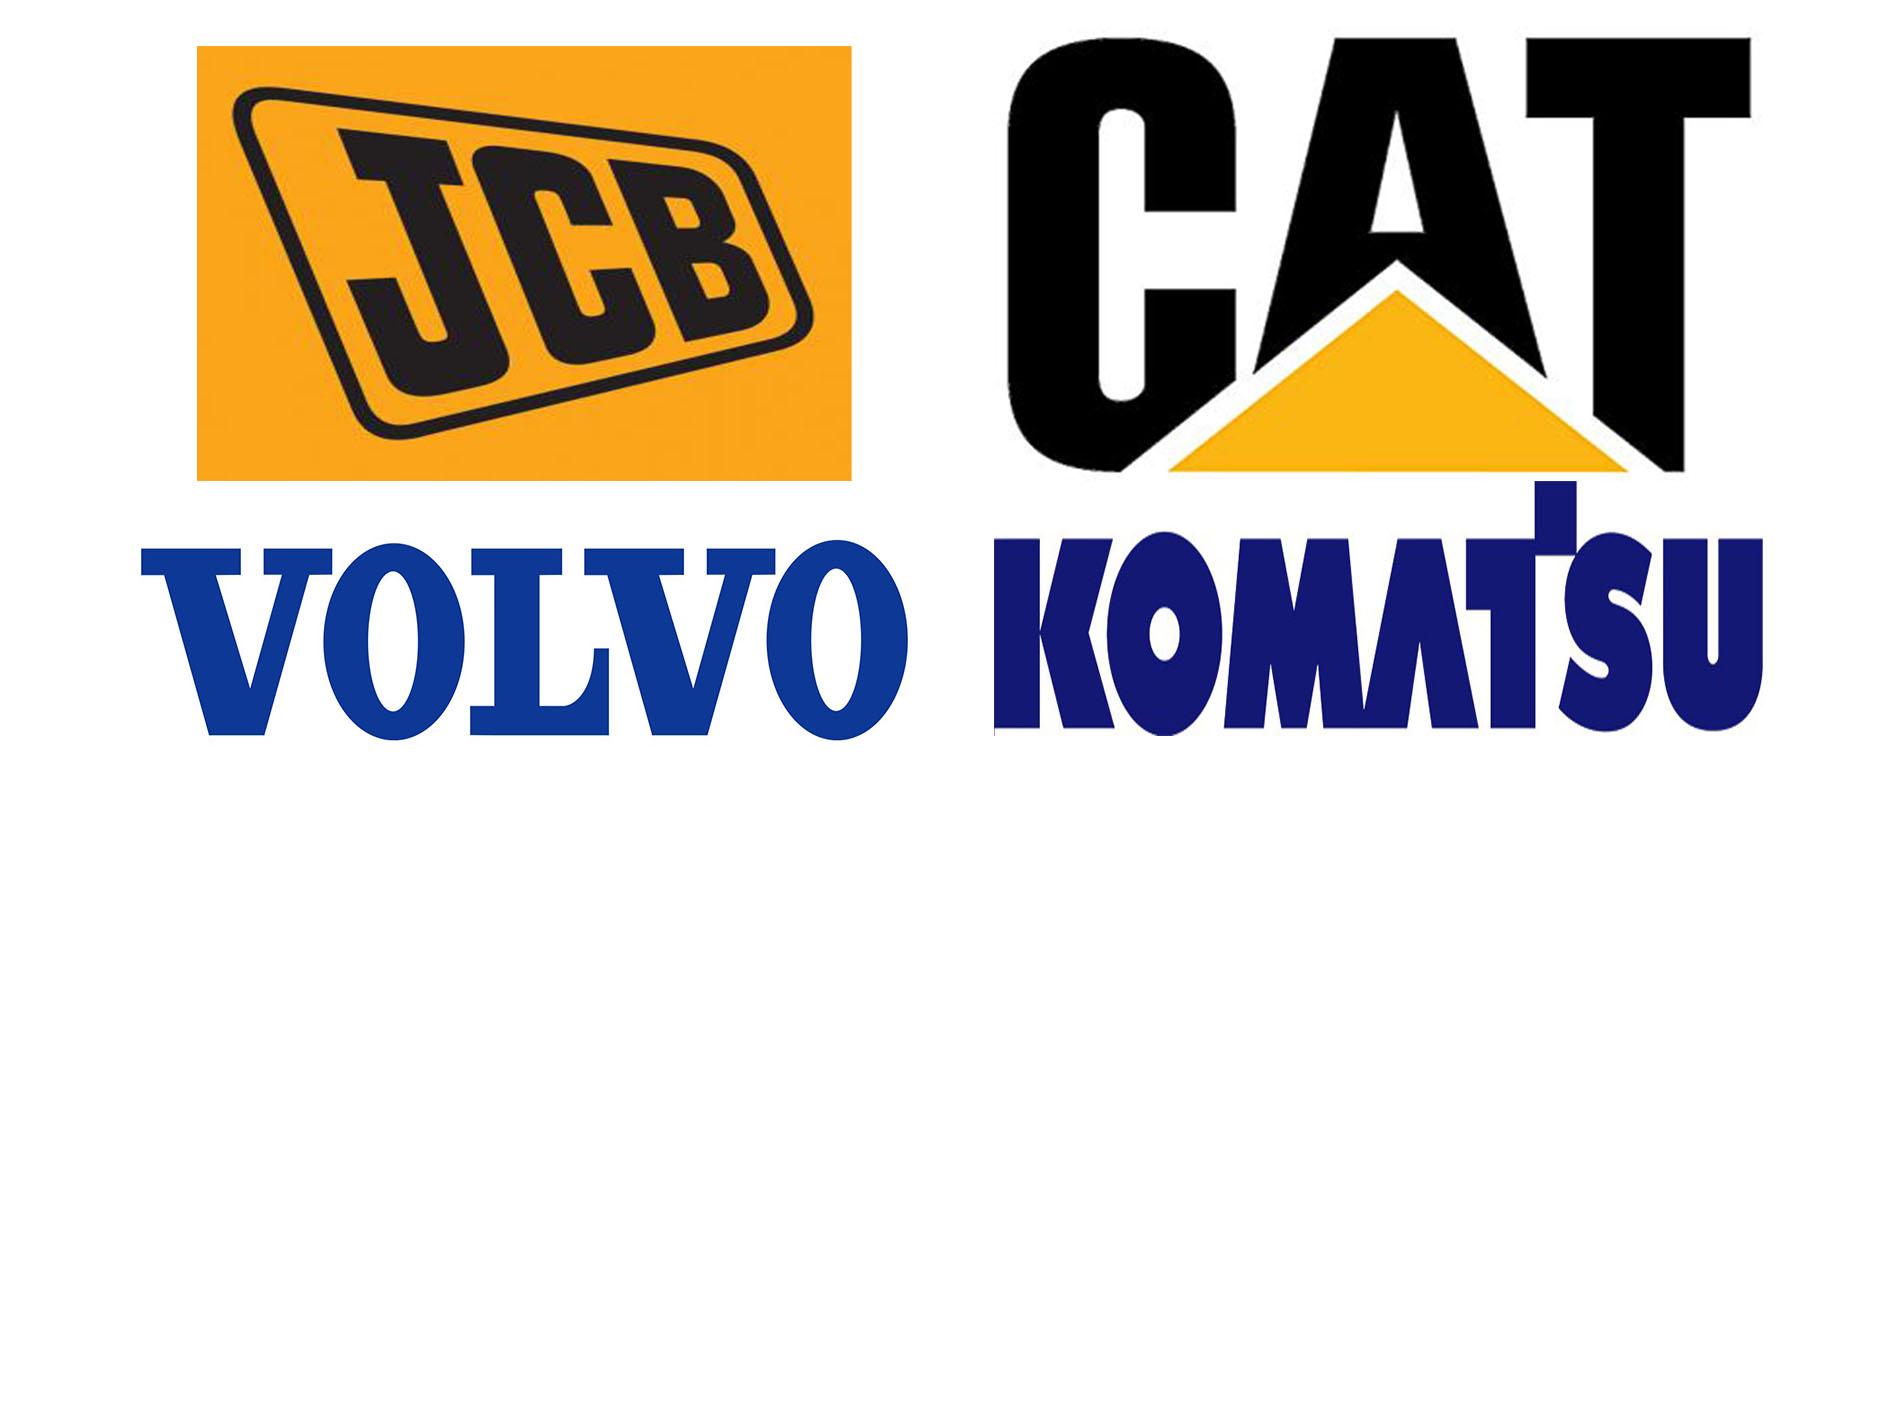 Запчастини до: CAT, JCB, VOLVO, KOMATSU. Прямі поставки з Європи